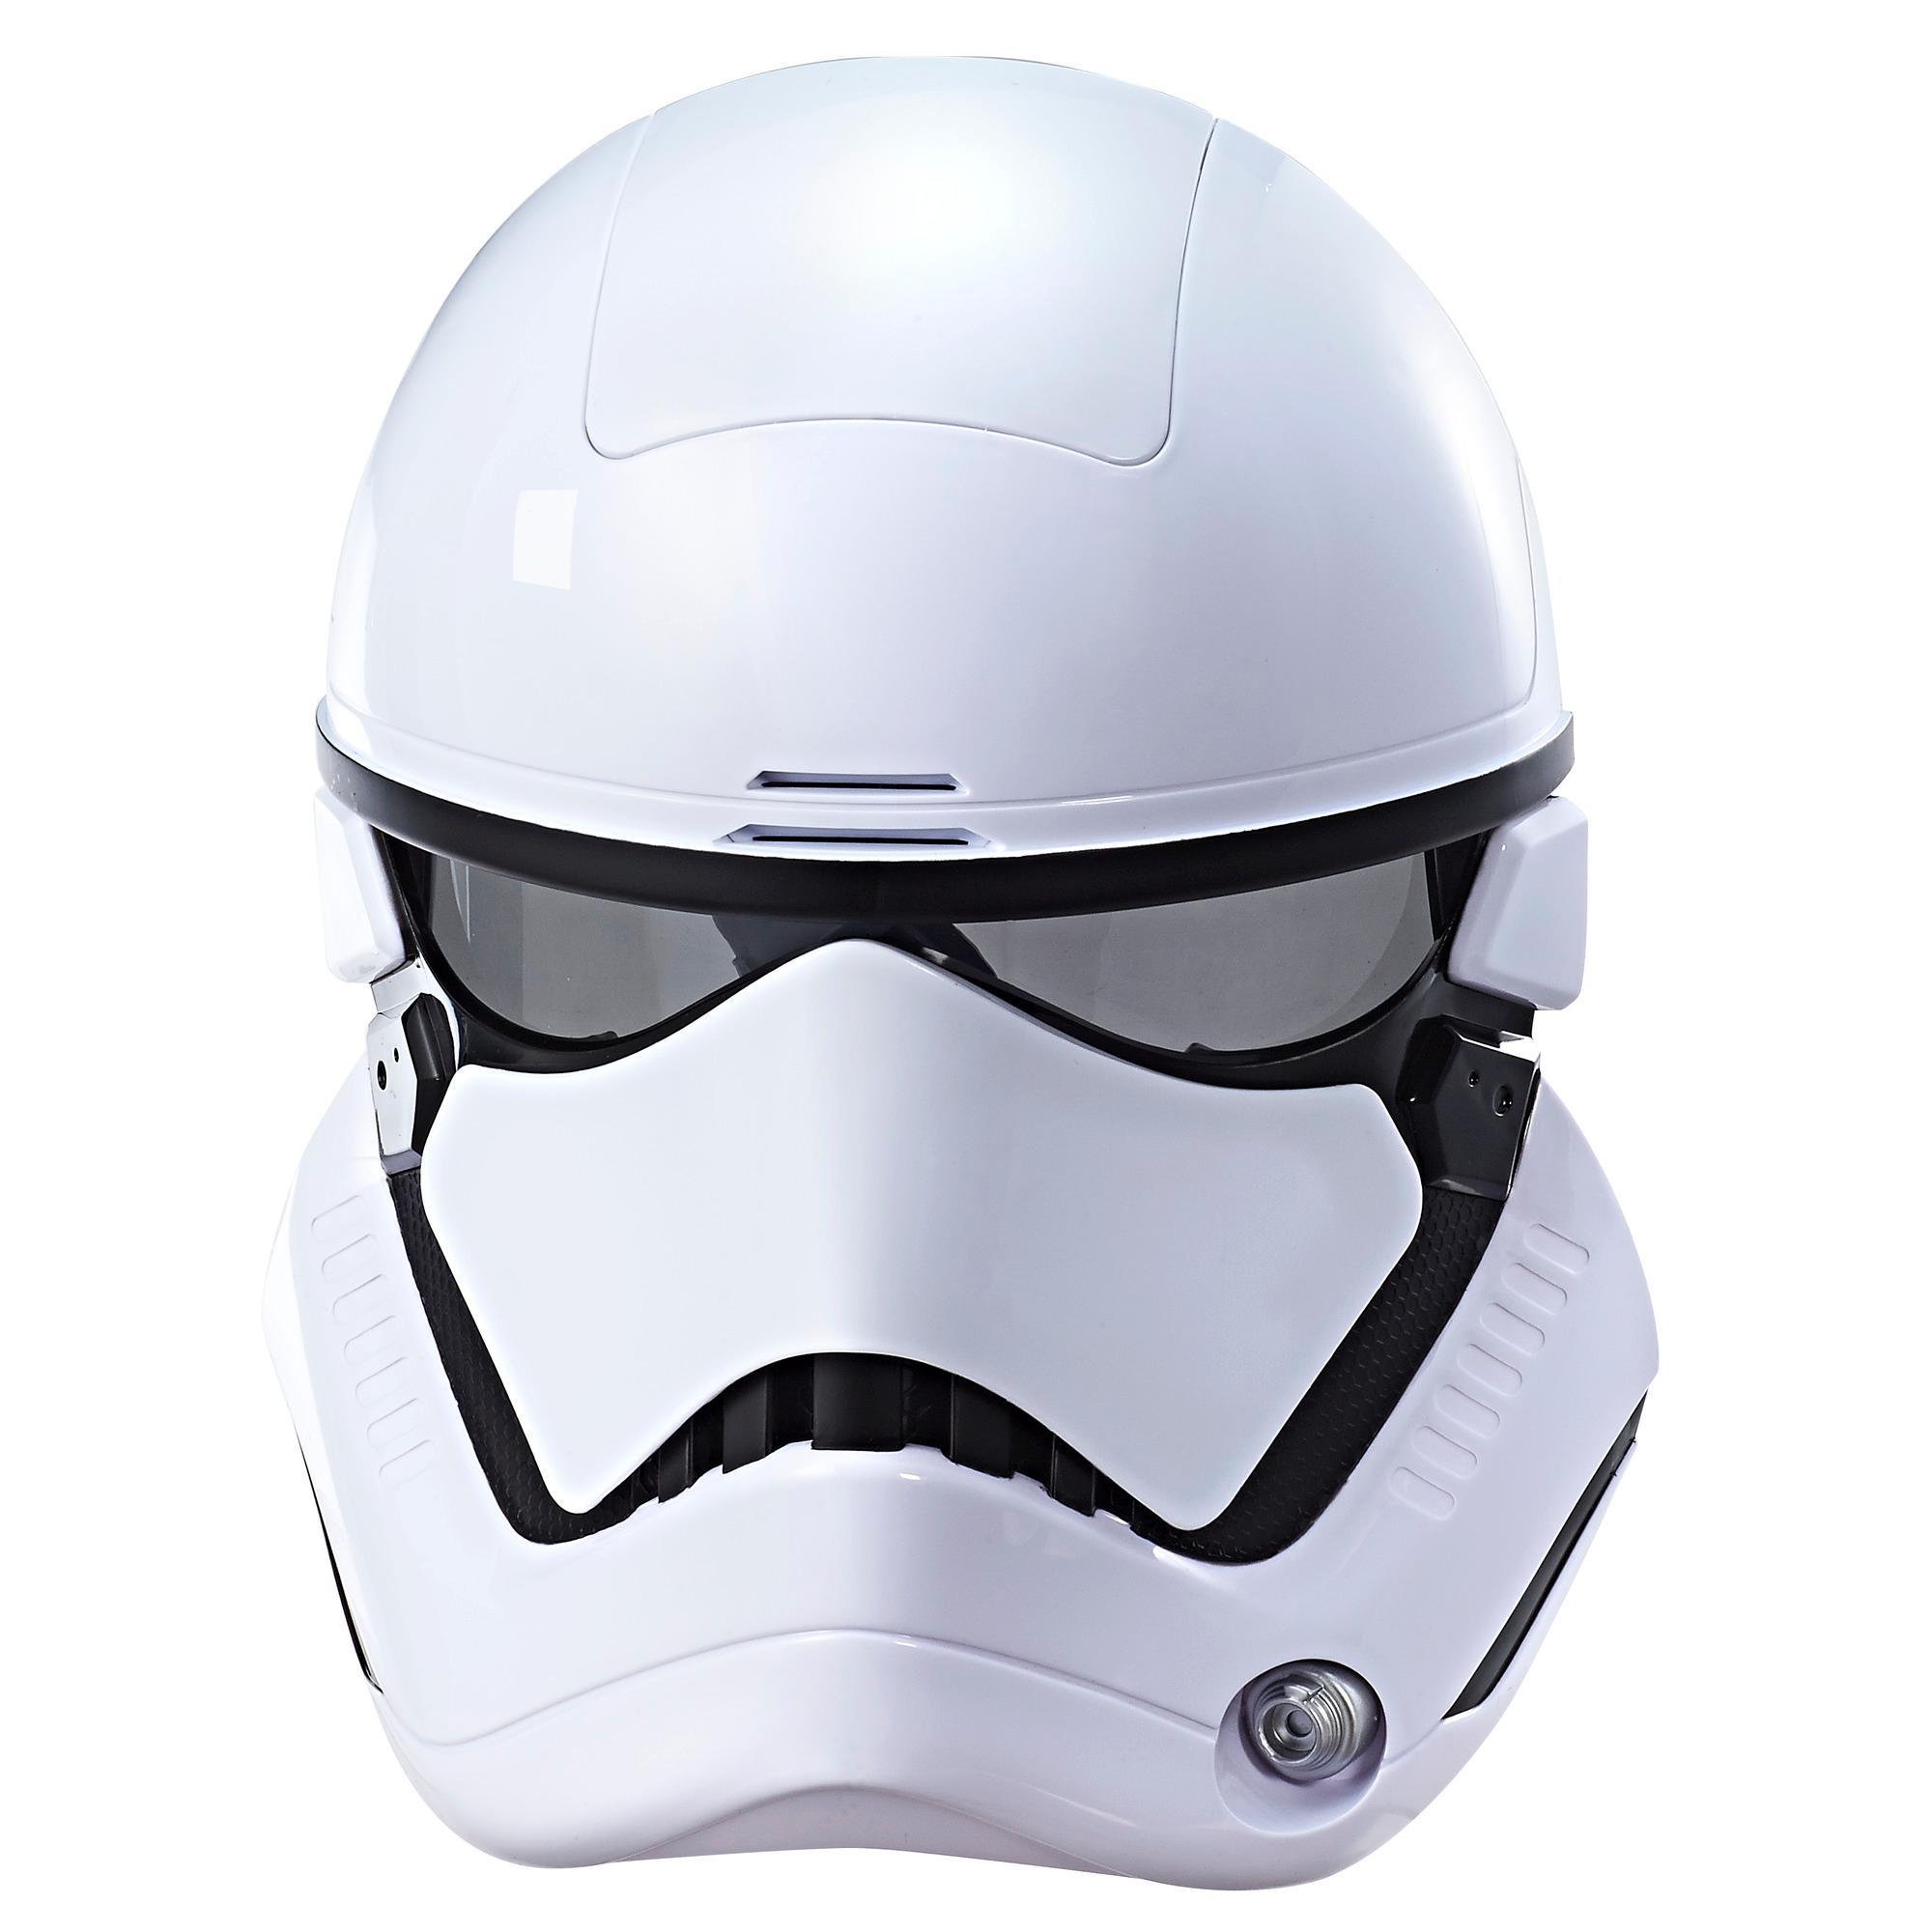 Star Wars Episode 8 elektronische Maske mit Stimmenverzerrer